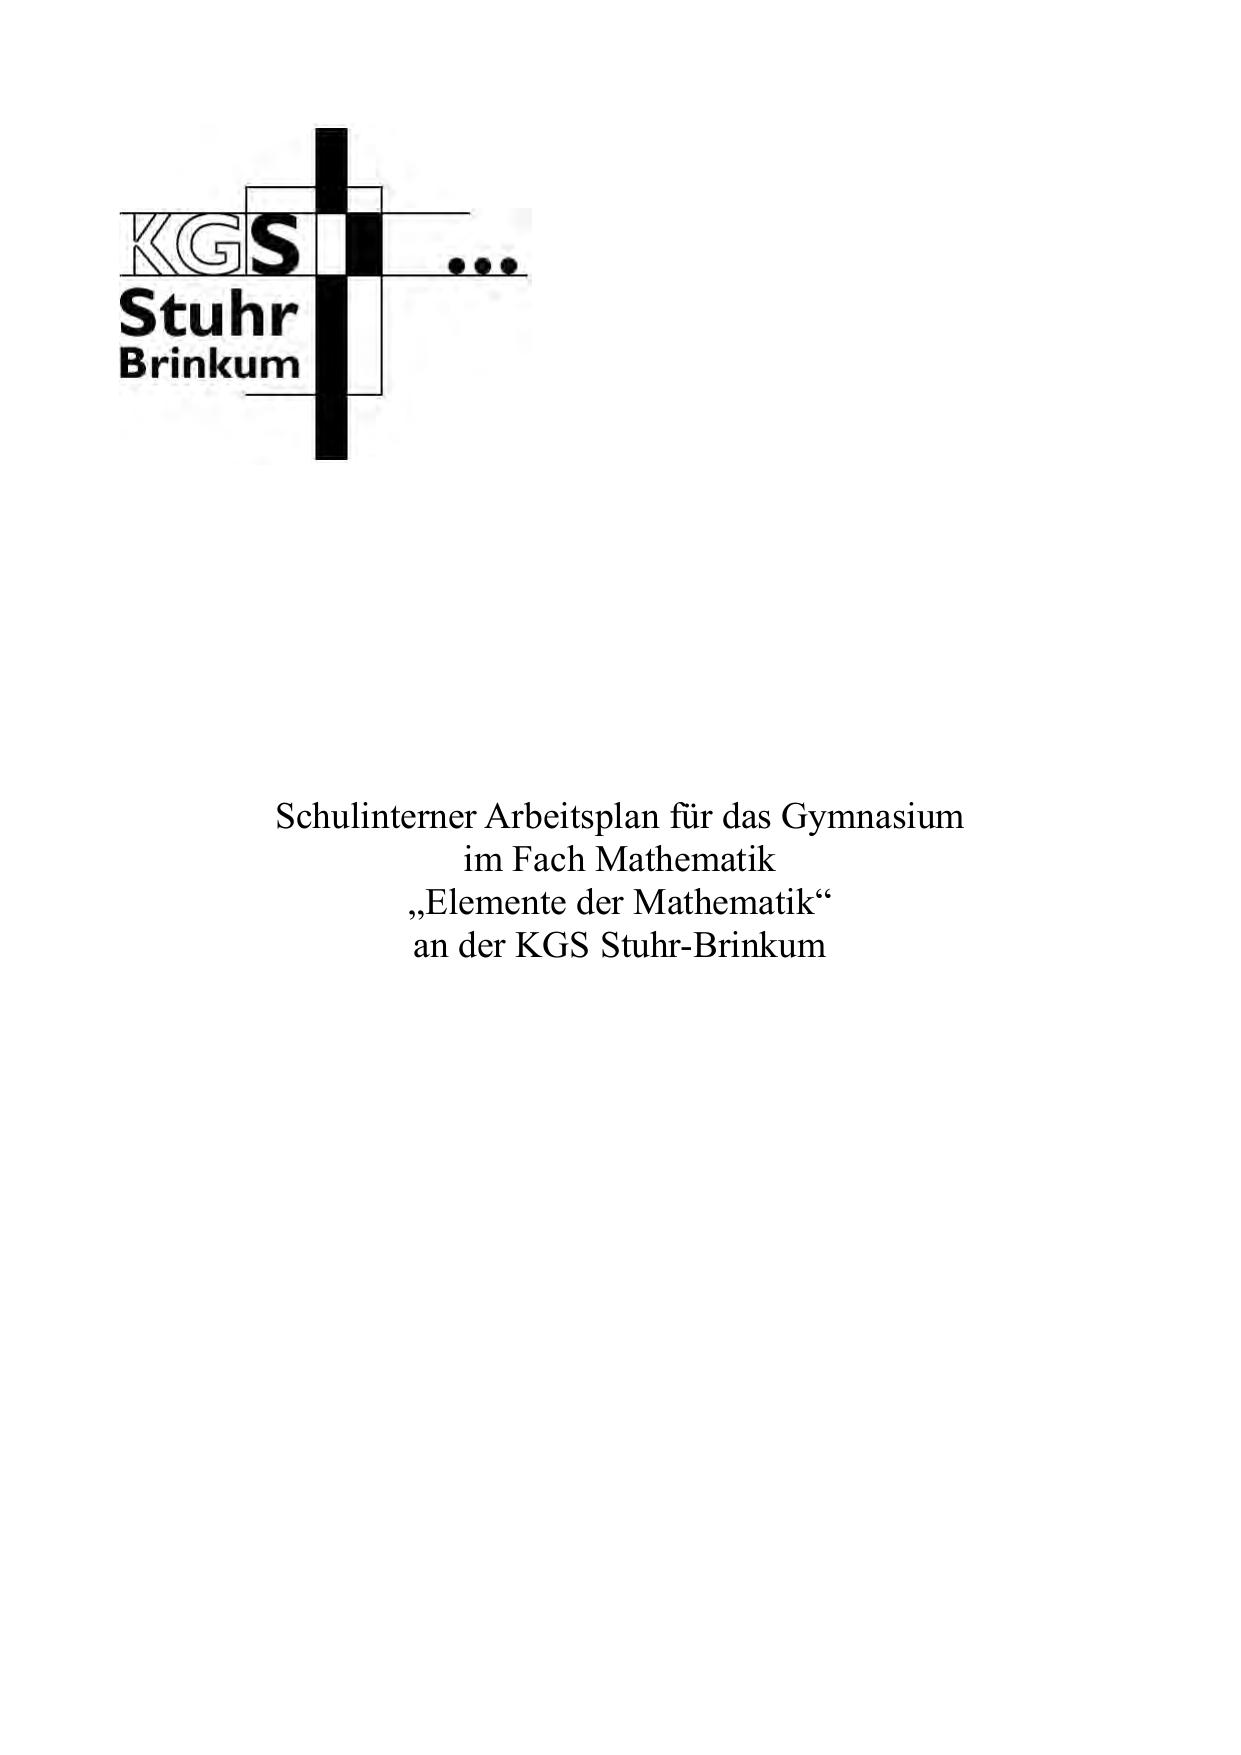 Gymnasium - KGS Stuhr